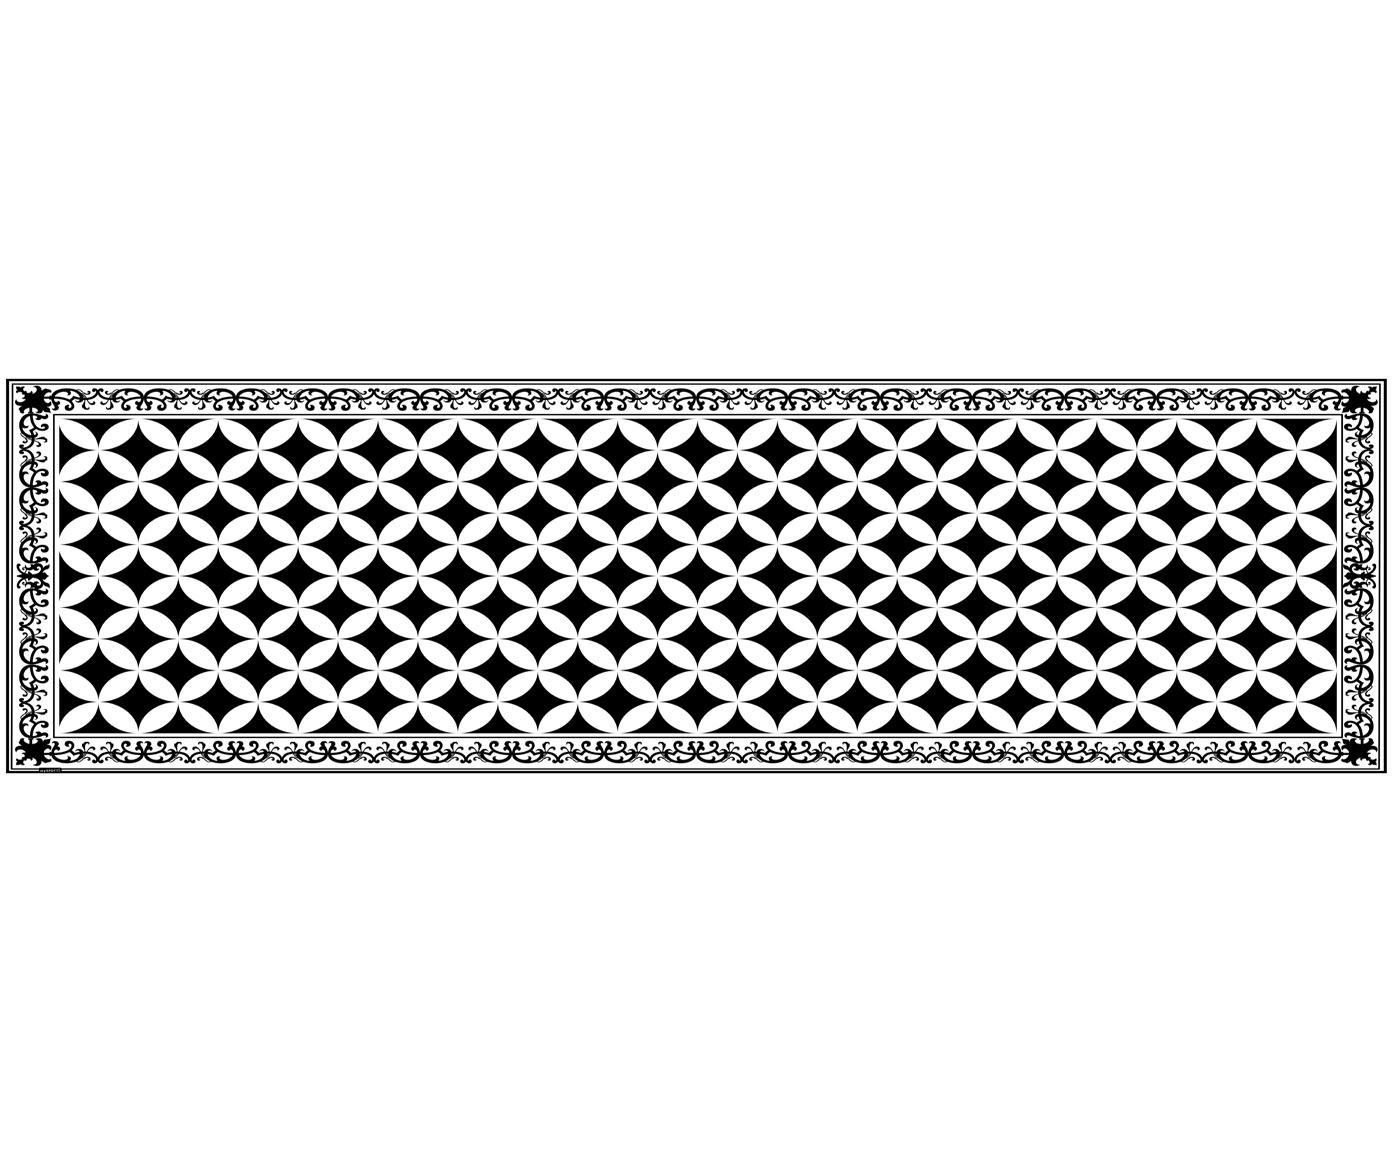 Alfombra vinílica Chadi, Vinilo, Negro, blanco, An 65 x L 255 cm